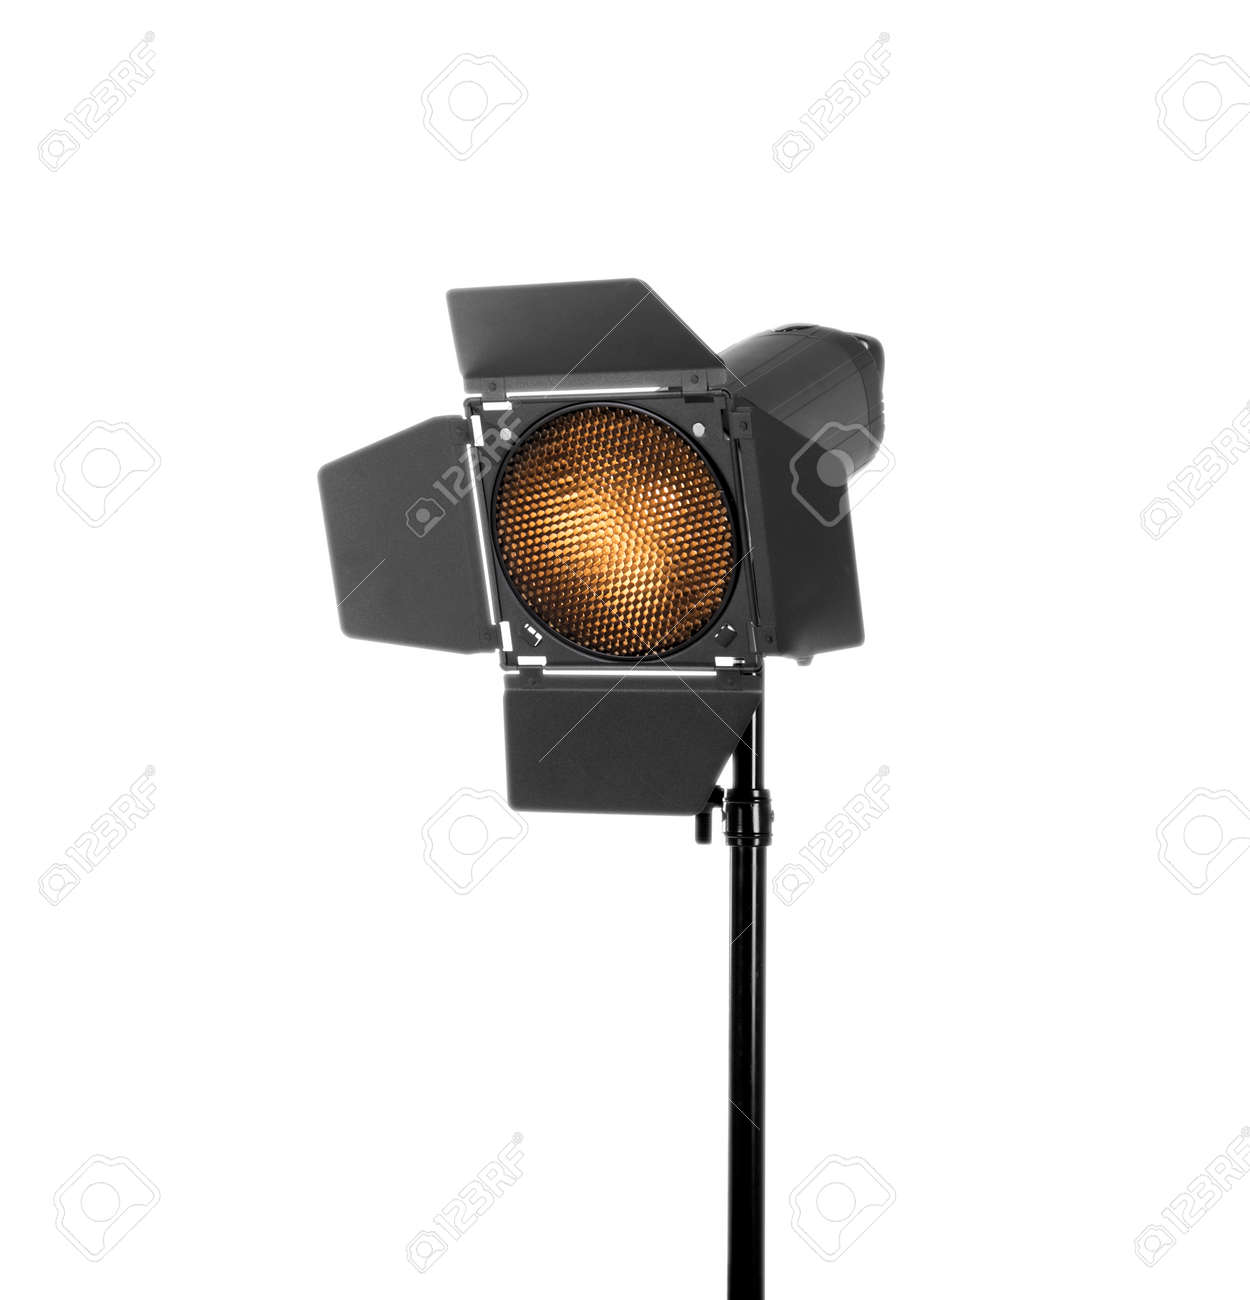 studioverlichting op een witte achtergrond wordt gesoleerd die professionele flits en verlichting studio